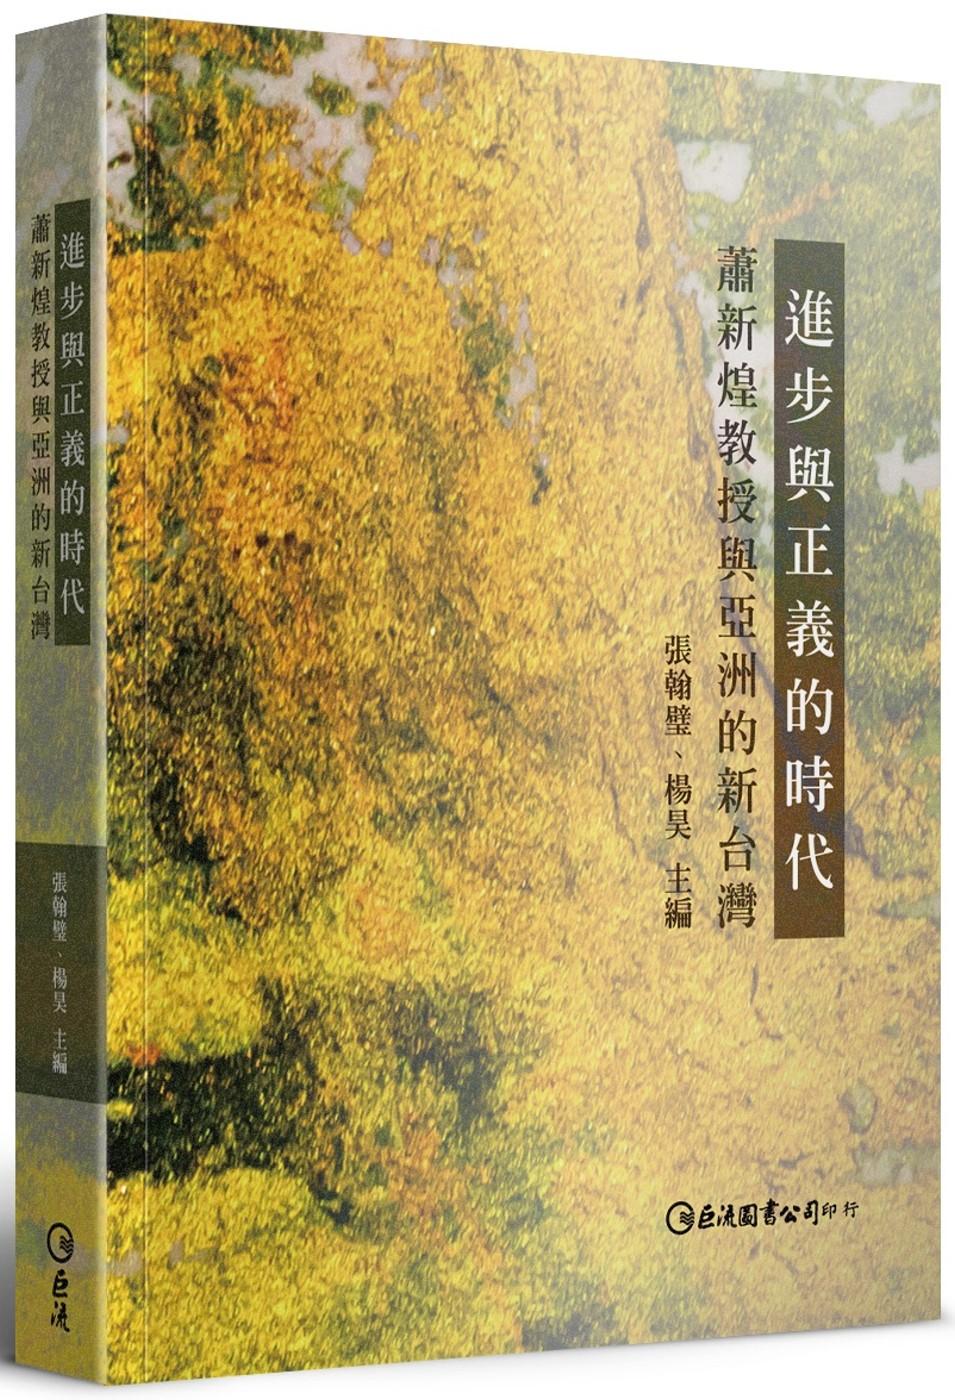 進步與正義的時代:蕭新煌教授與亞洲的新台灣